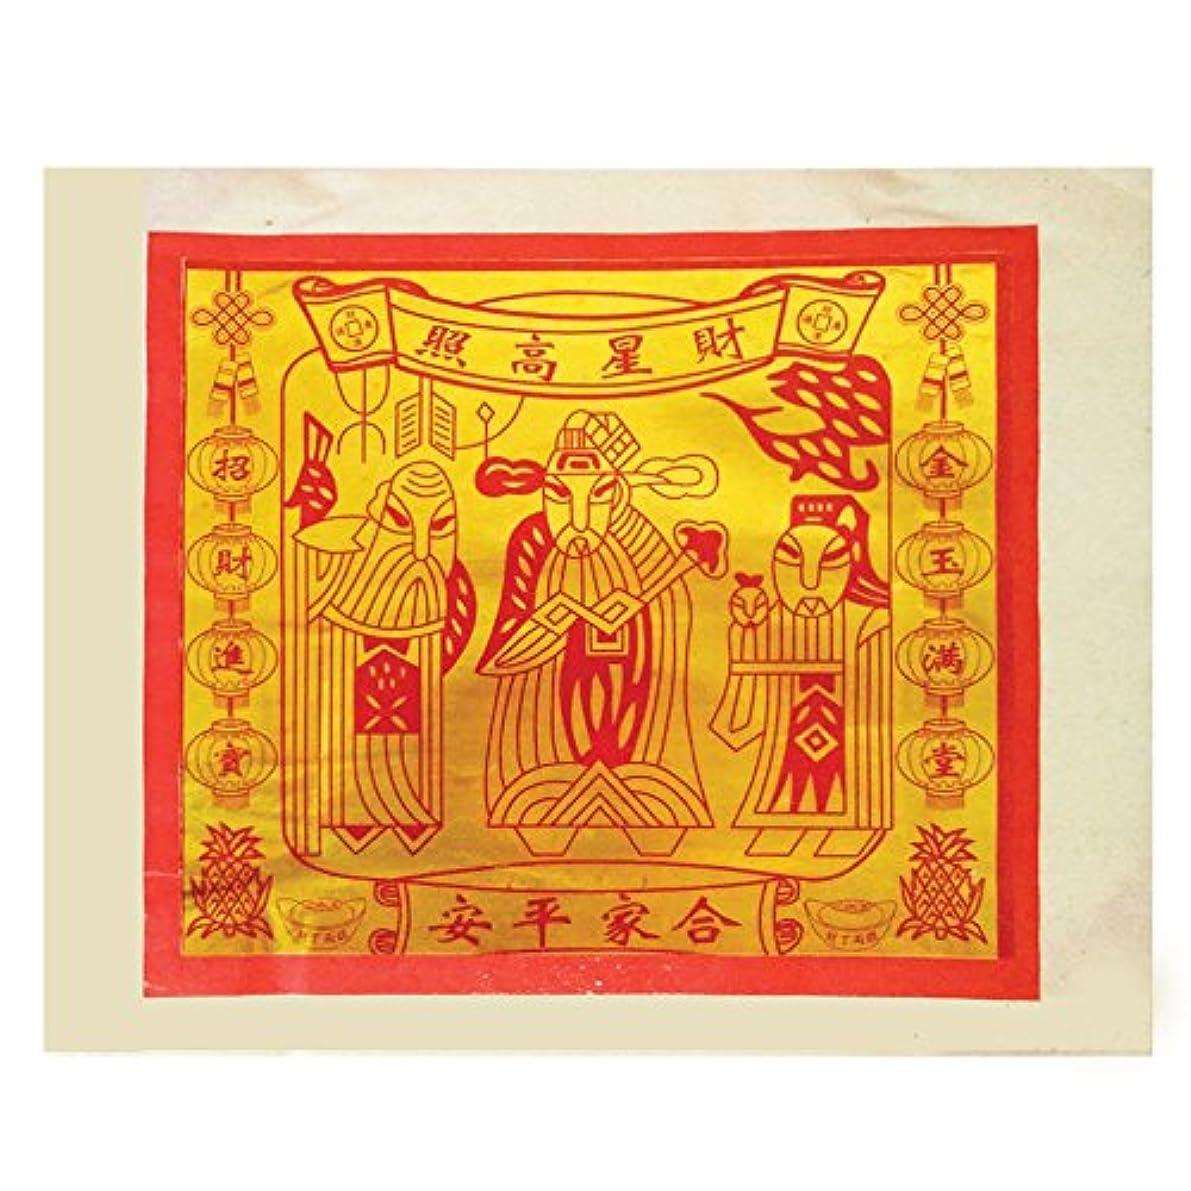 やりがいのある現実にはで出来ている100個Incense用紙/ Joss用紙with High Gradeゴールド箔サイズL15.75インチx 13.25インチ